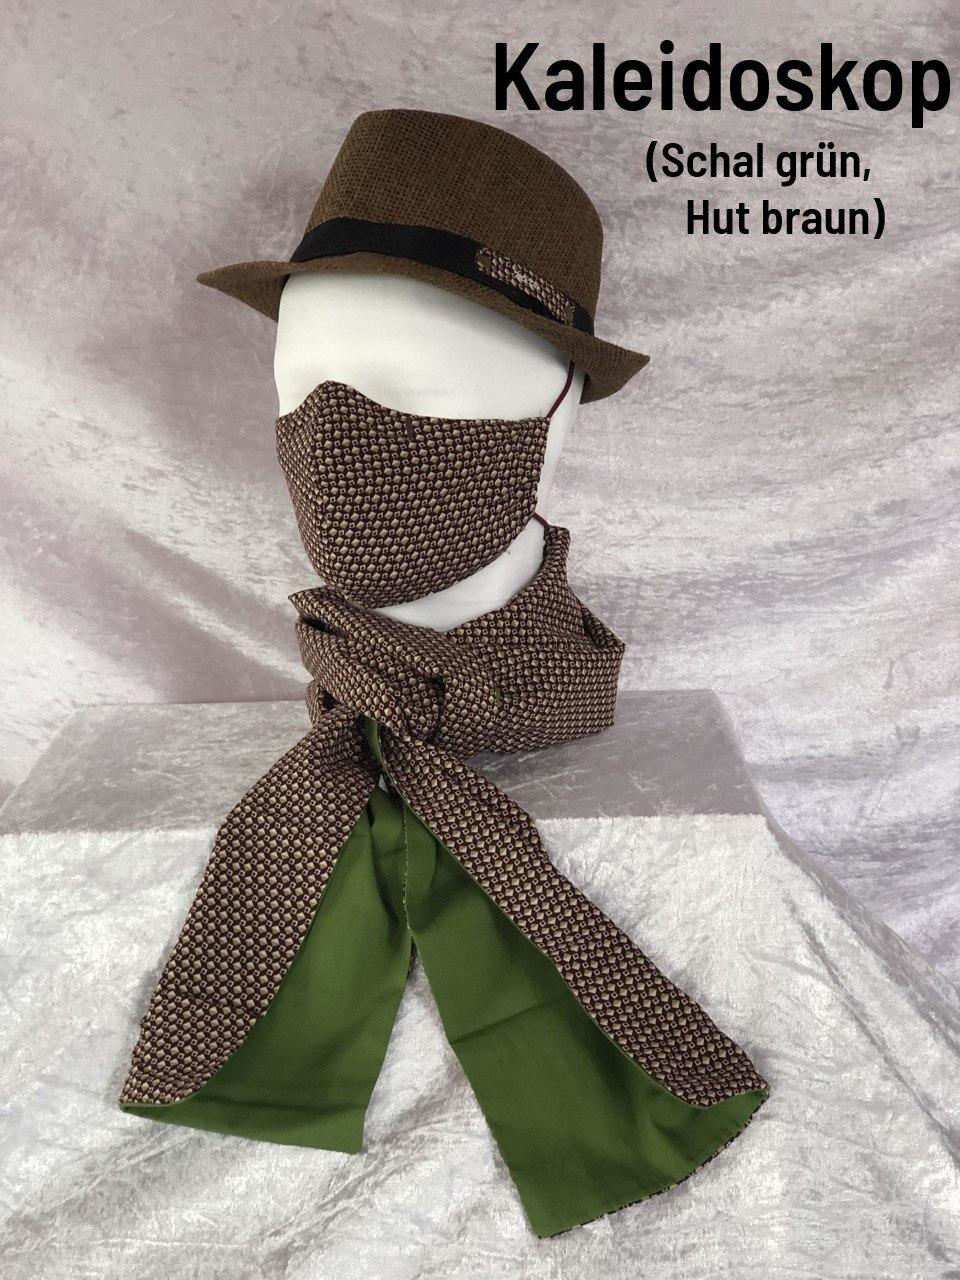 F4 - Maske + Schal grün + Hut braun